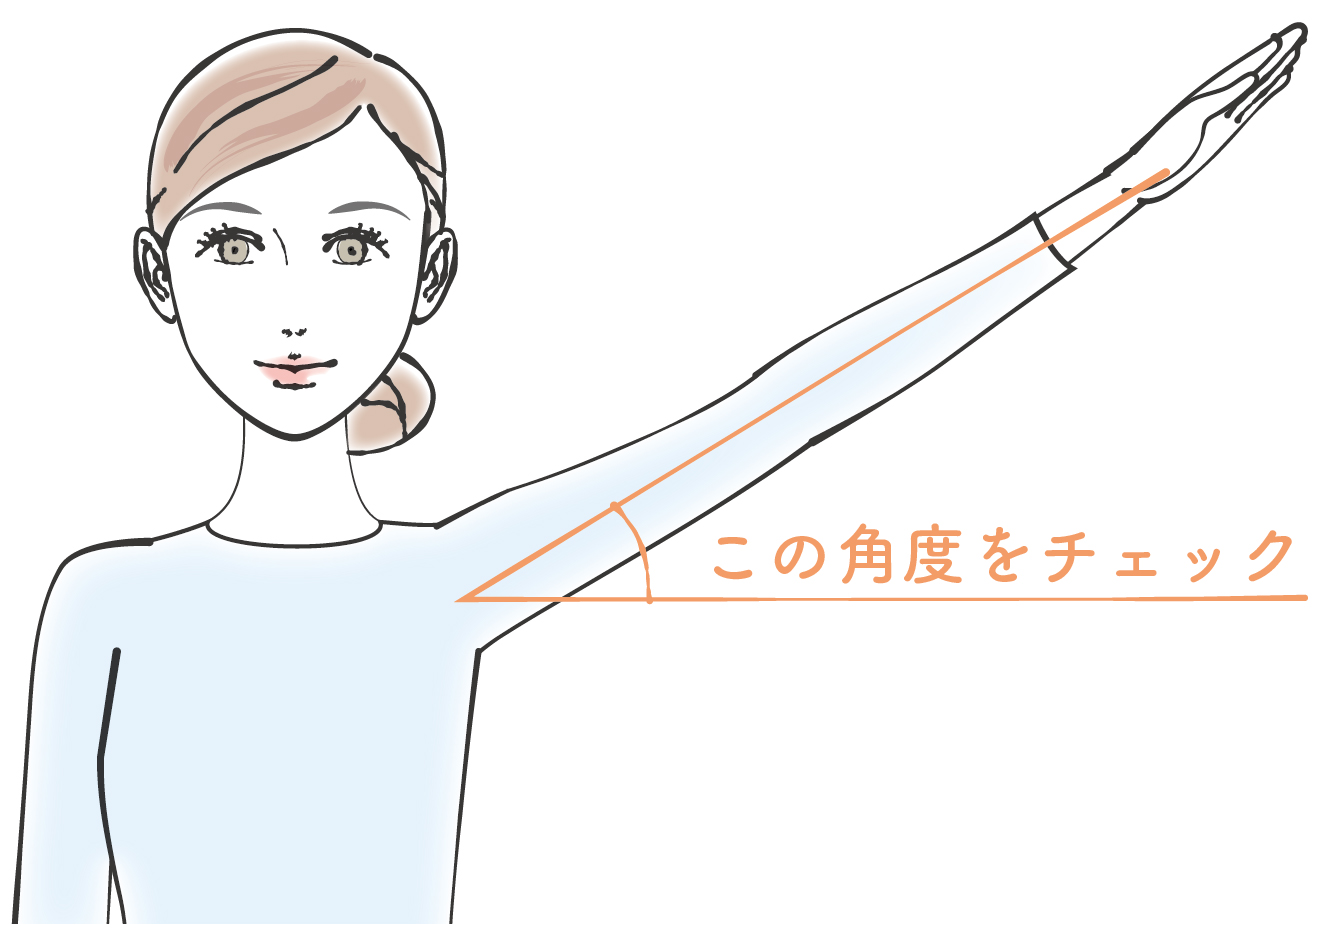 肩甲骨の硬さをチェックする方法